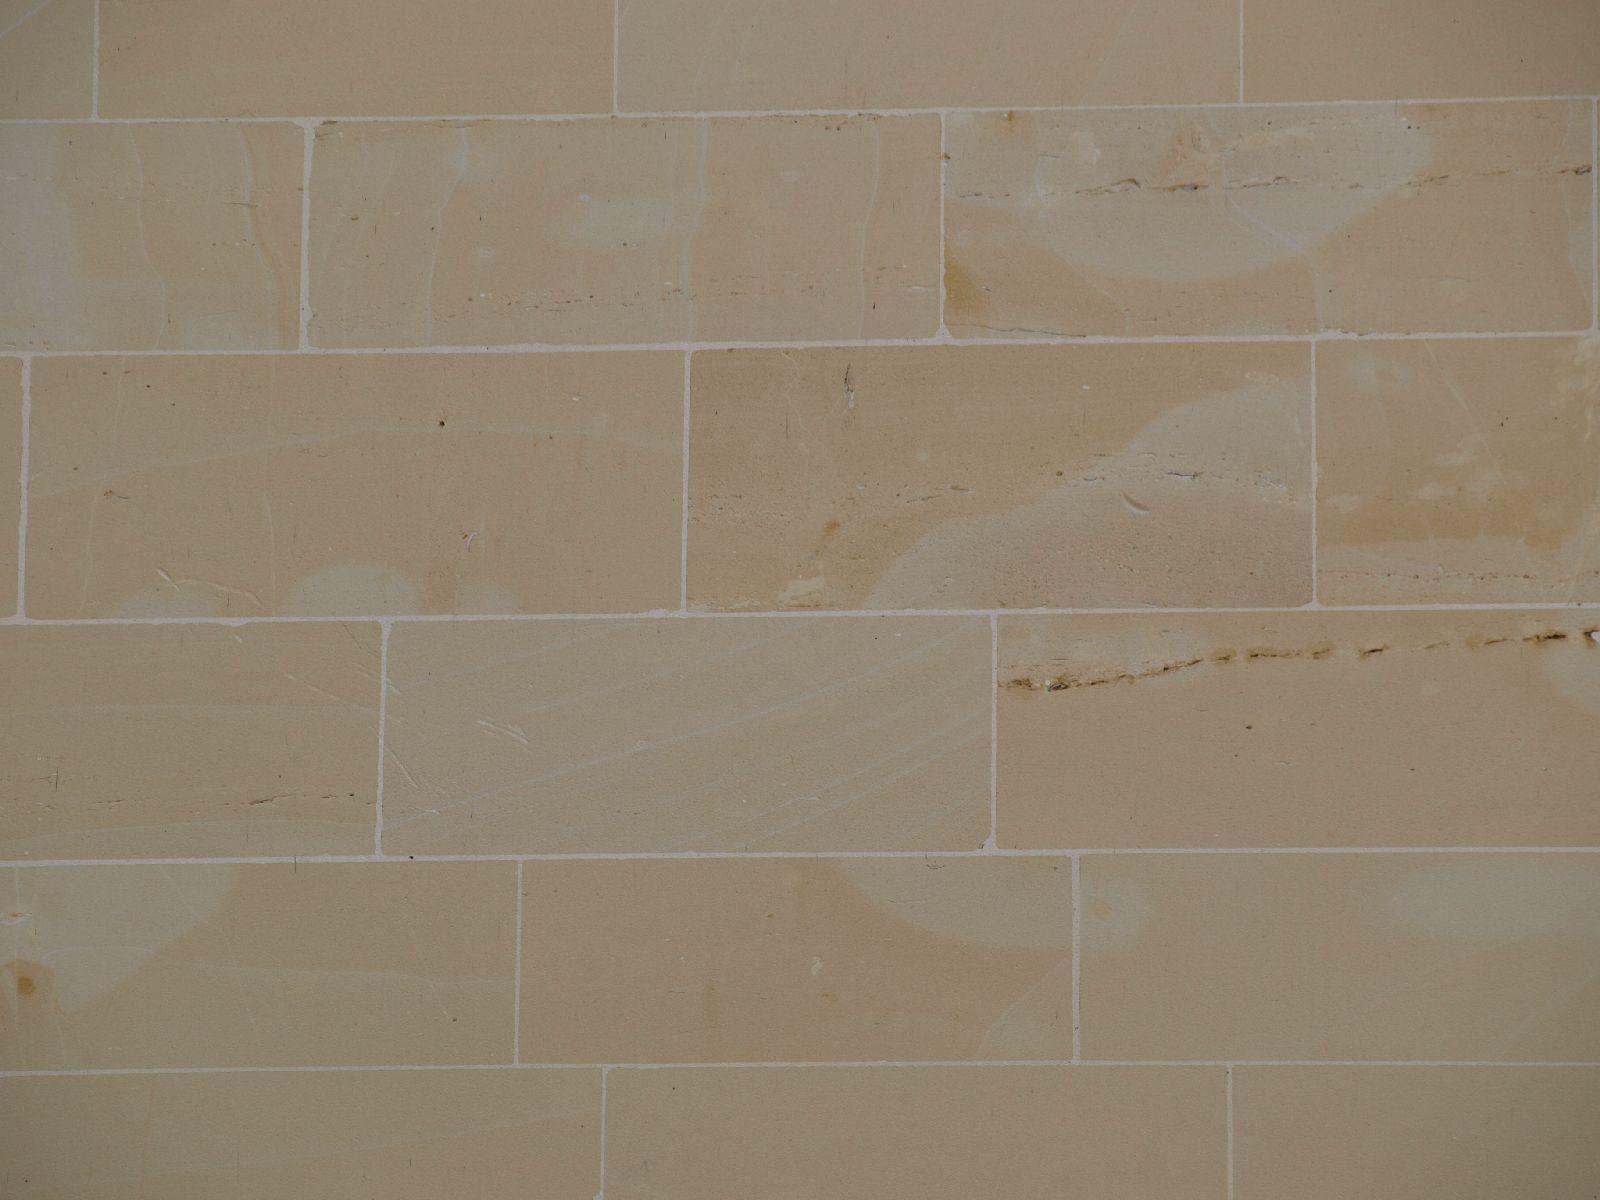 Brick_Texture_A_P6137442